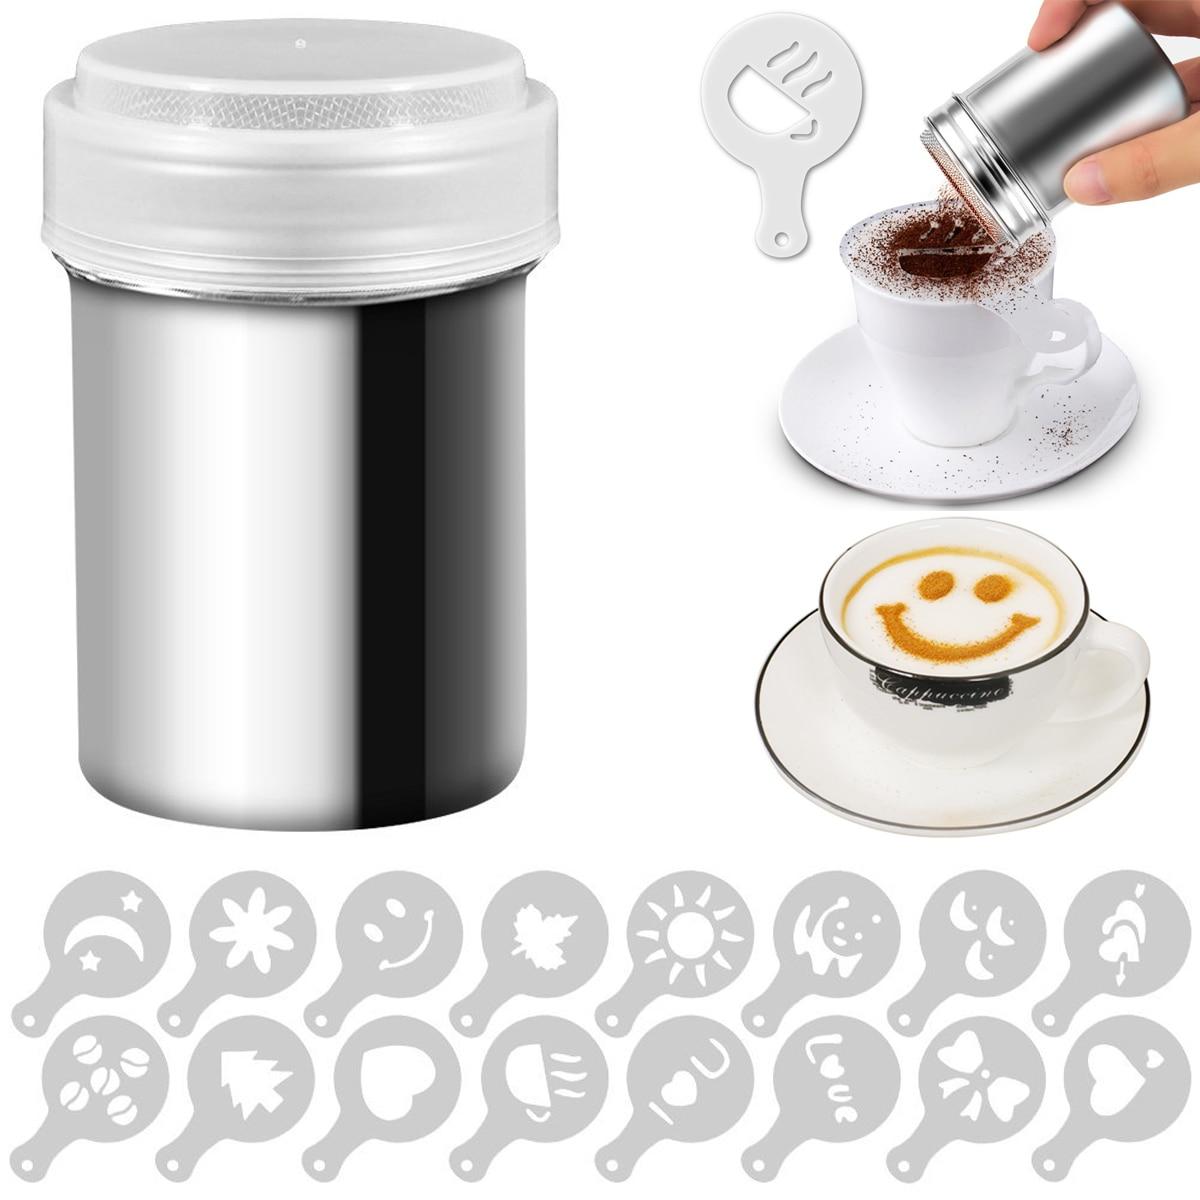 Капучино форма причудливый кофе печать модель пена спрей торт трафареты порошкообразный сахар шоколад Какао Кофе Печать AssemblyD40